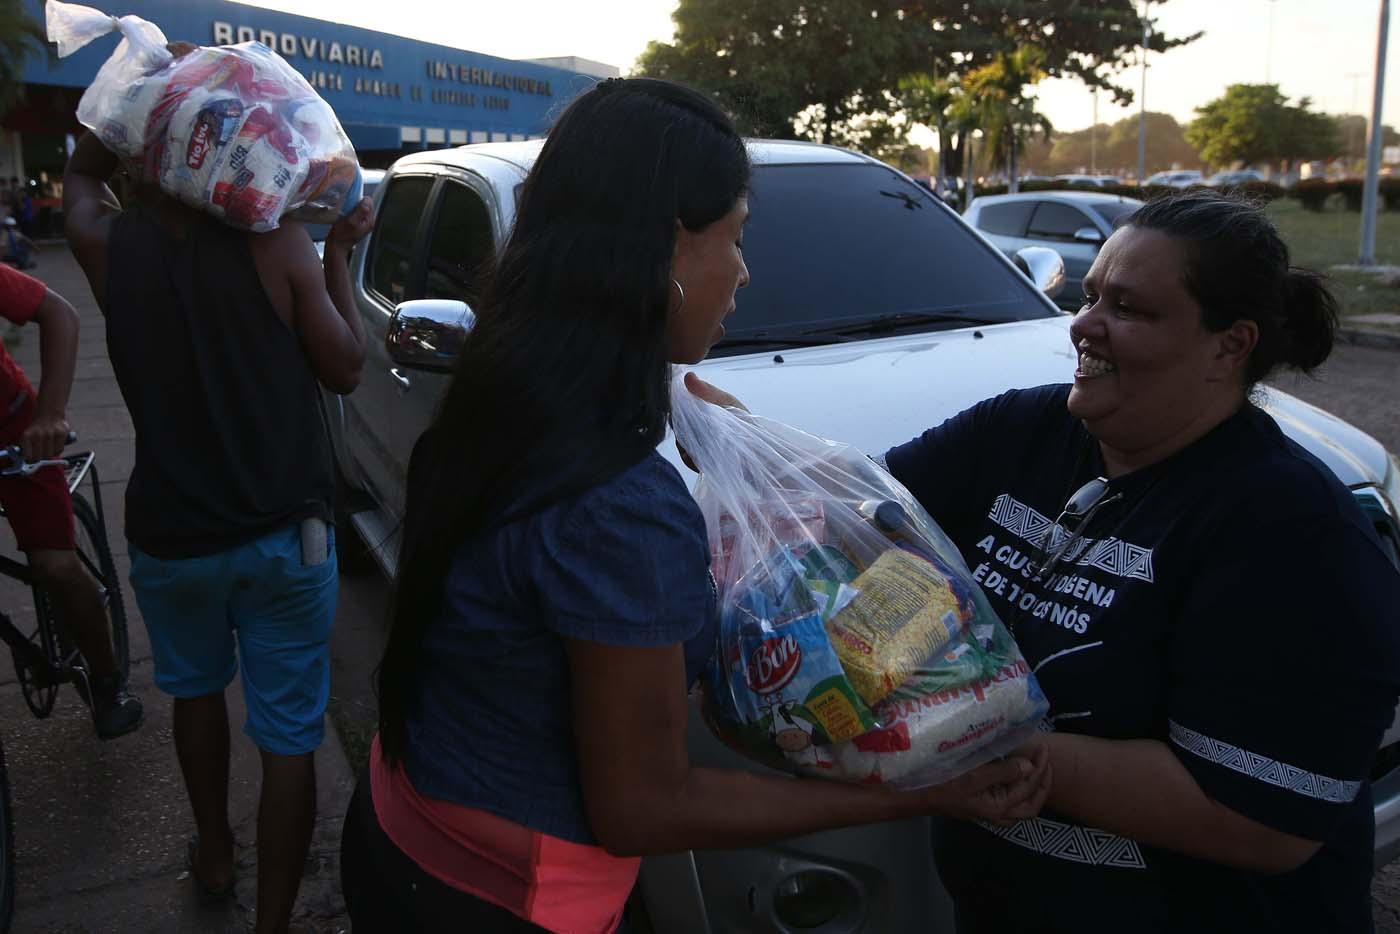 """ACOMPAÑA CRÓNICA: BRASIL VENEZUELA BRA04. BOA VISTA (BRASIL), 22/10/2016.- La coordinadora de la Comisión de Migración y Derechos Humanos del estado brasileño de Roraima, Telma Lage, entrega alimentos a inmigrantes venezolanos este jueves, 20 de octubre de 2016, en Boa Vista, estado de Roraima (Brasil). Es venezolana, tiene 20 años, quiere ser traductora y hoy, en una hamaca colgada en un árbol que ha convertido en su casa en la ciudad brasileña de Boa Vista, mece unos sueños que, según aseguró, no serán truncados por """"el fracaso de una revolución"""". """"No estoy aquí por política. Lo que me trajo aquí fue el fracaso de unas políticas"""", dijo a Efe Sairelis Ríos, quien junto a su madre Keila y una decena de venezolanos vive en plena calle, frente a la terminal de autobuses de Boa Vista, una ciudad que en los últimos meses ha recibido unos 2.500 emigrantes de ese país vecino. EFE/Marcelo Sayão"""